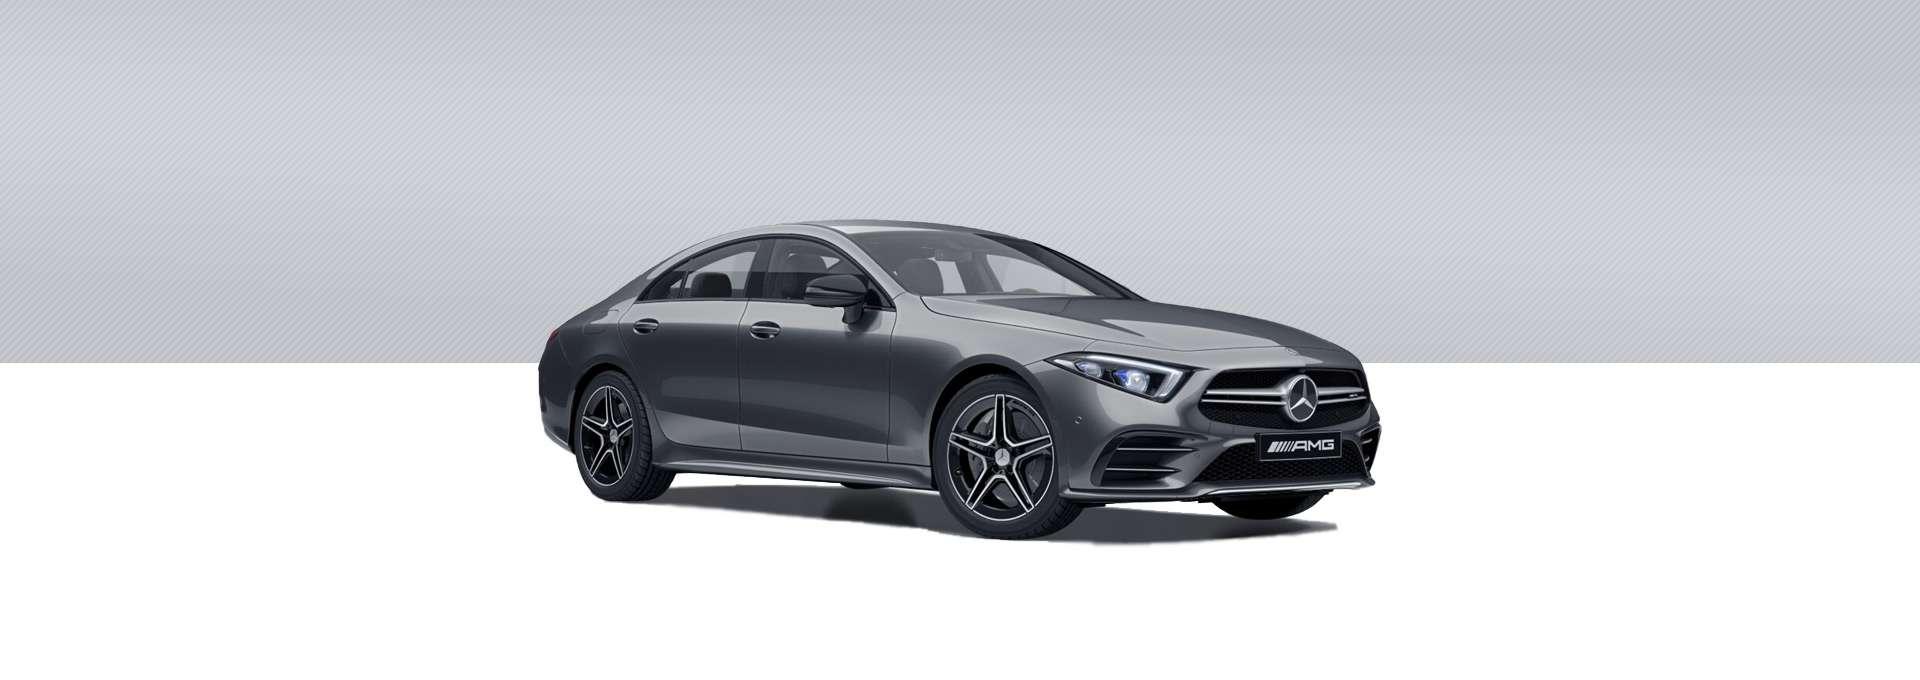 Mercedes Benz AMG CLS COUPÉ